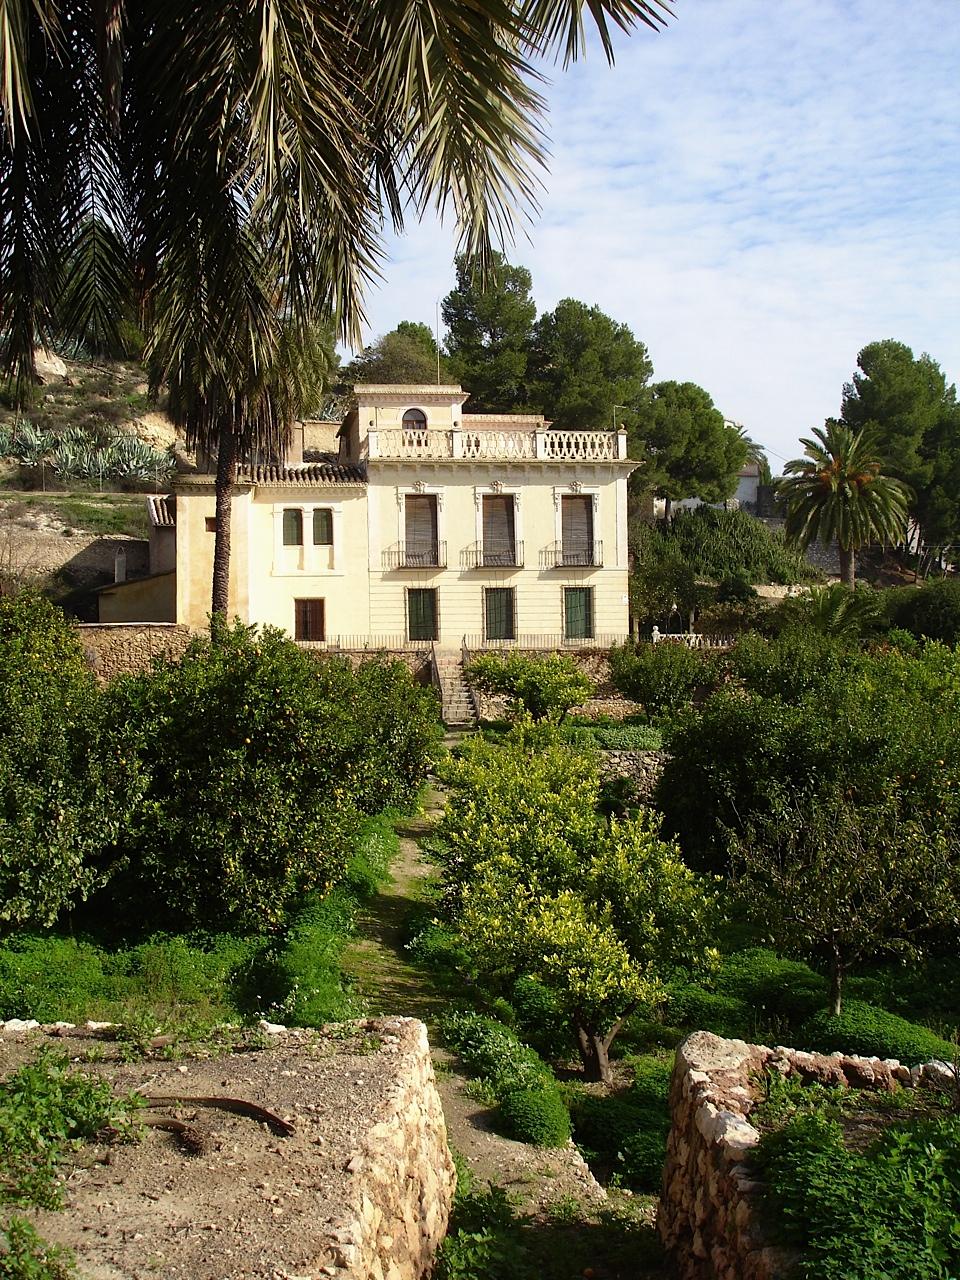 Venta casa rural mula murcia espana carretera del - Casas sostenibles espana ...